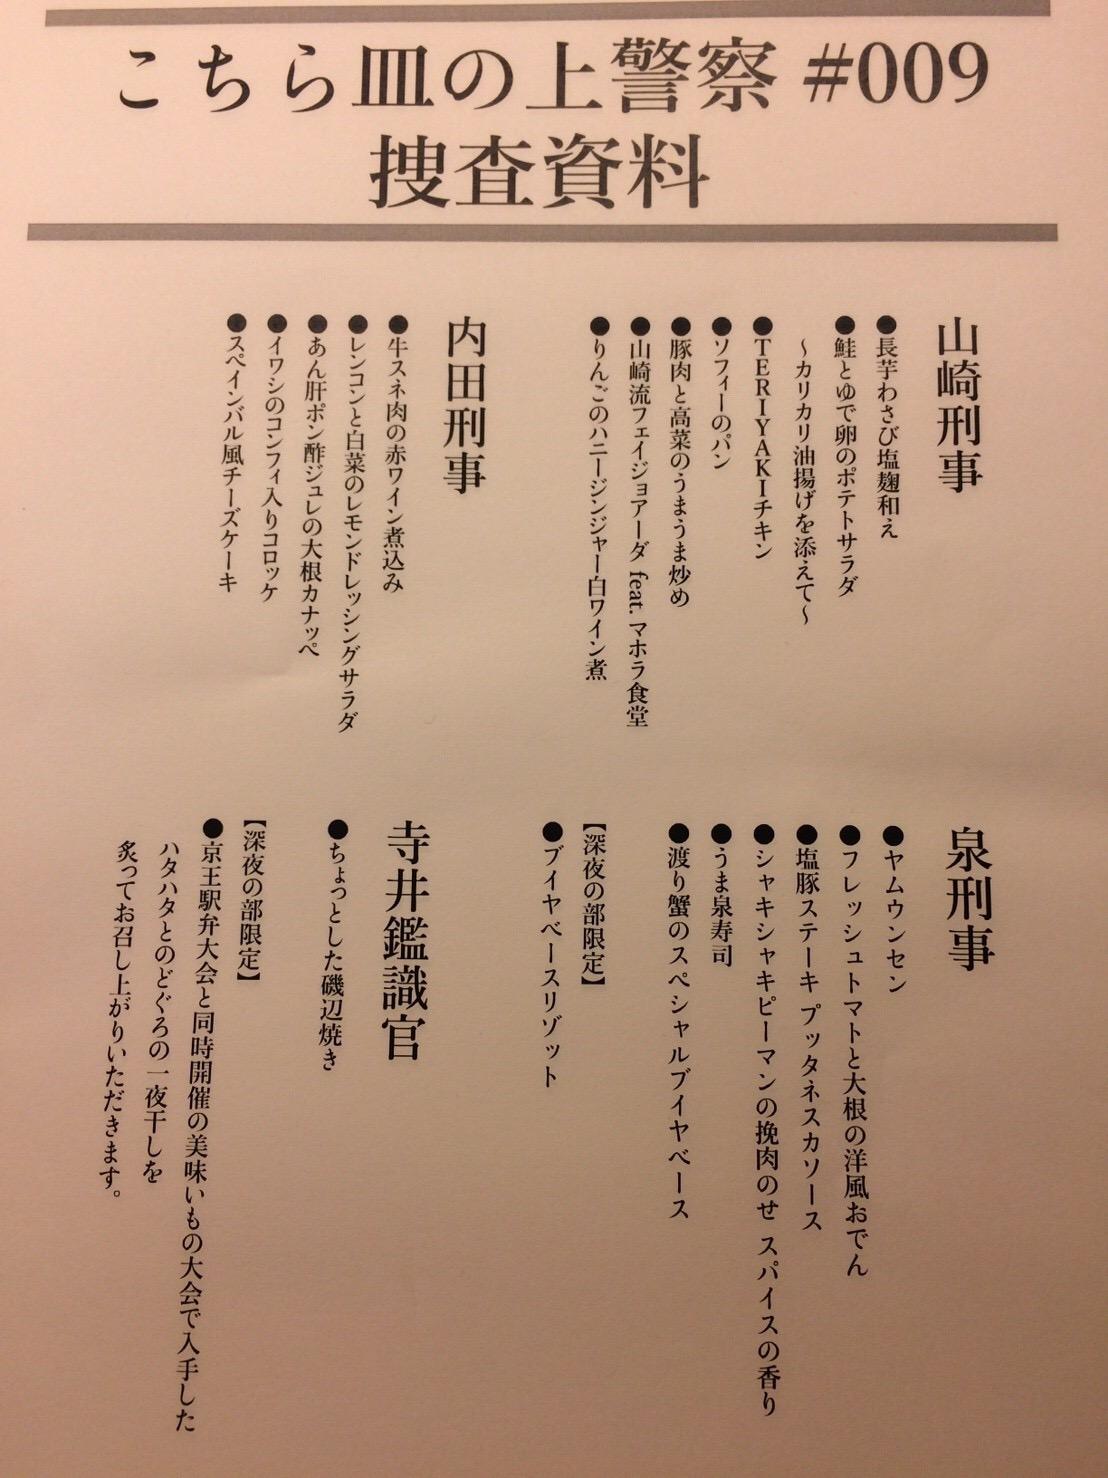 http://yamazaki-kazuyuki.com/diary/IMG_4872.JPG